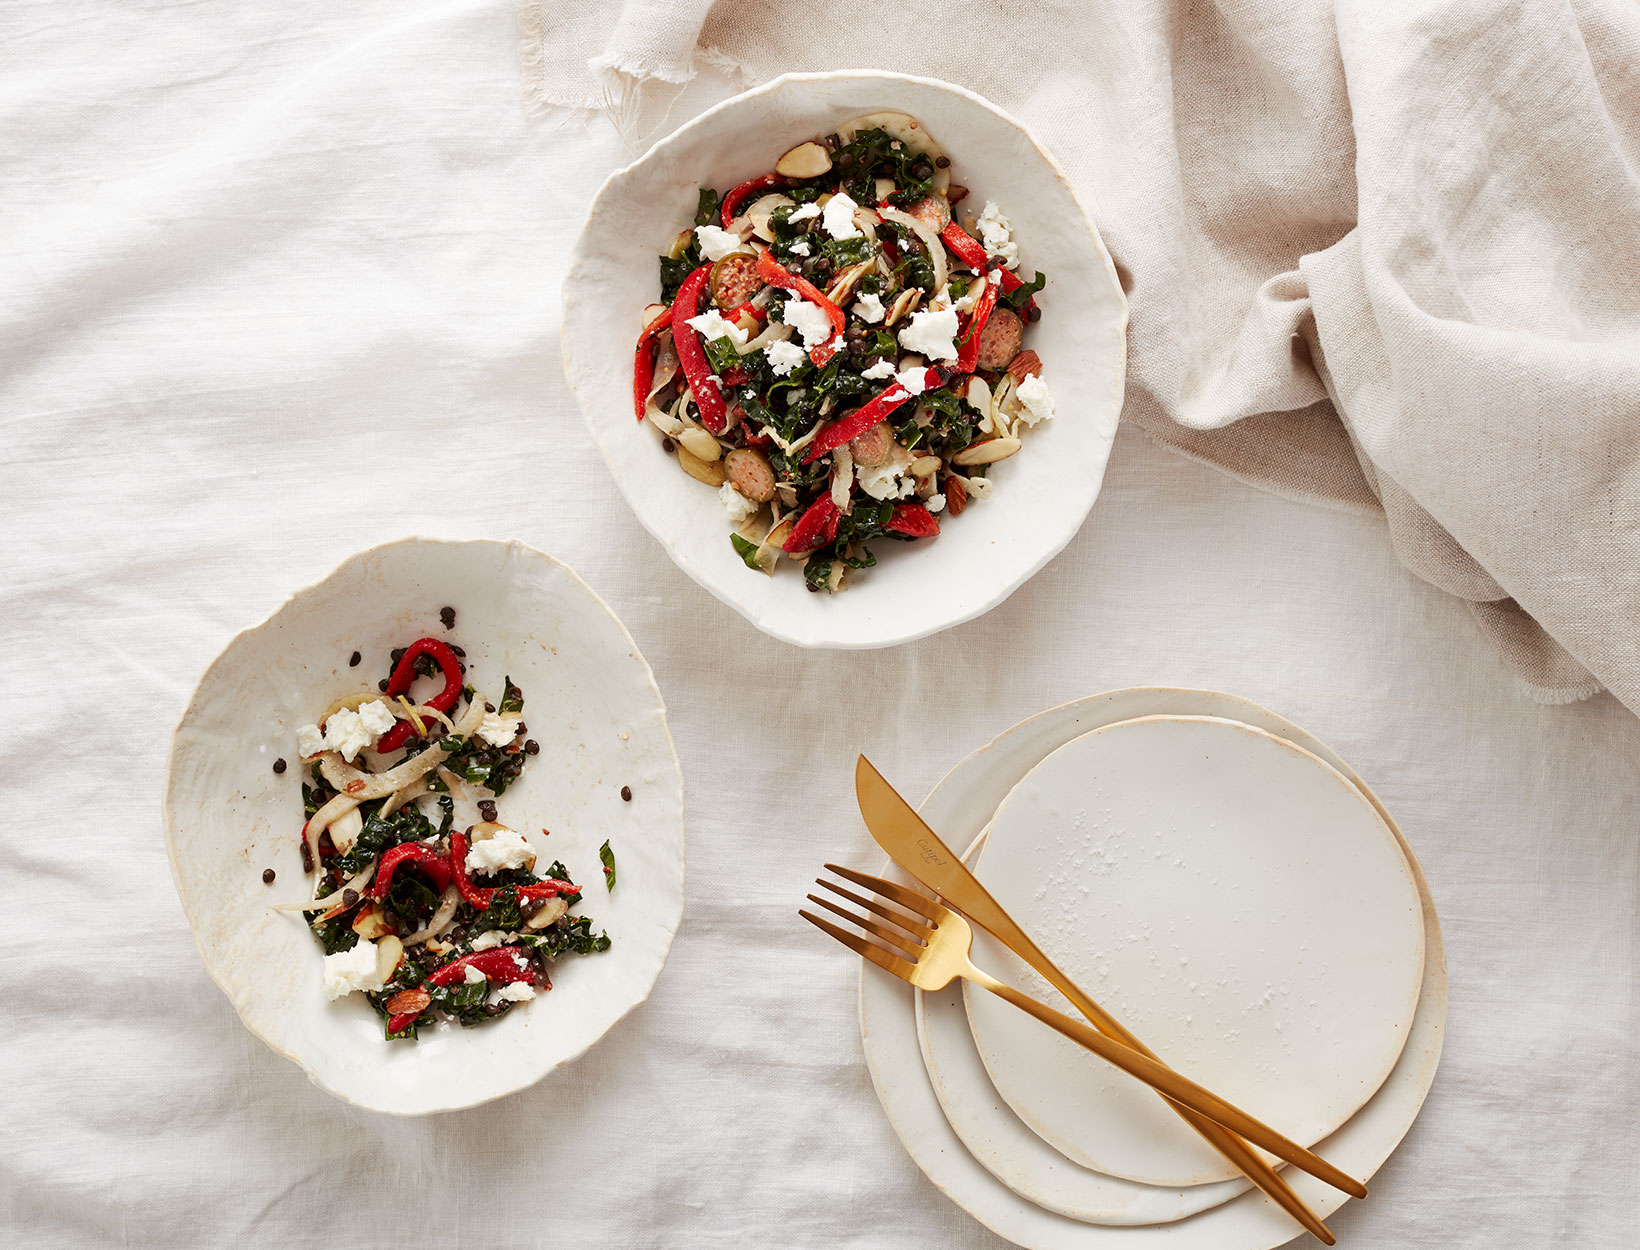 Lentil, Kale, and Piquillo Pepper Salad